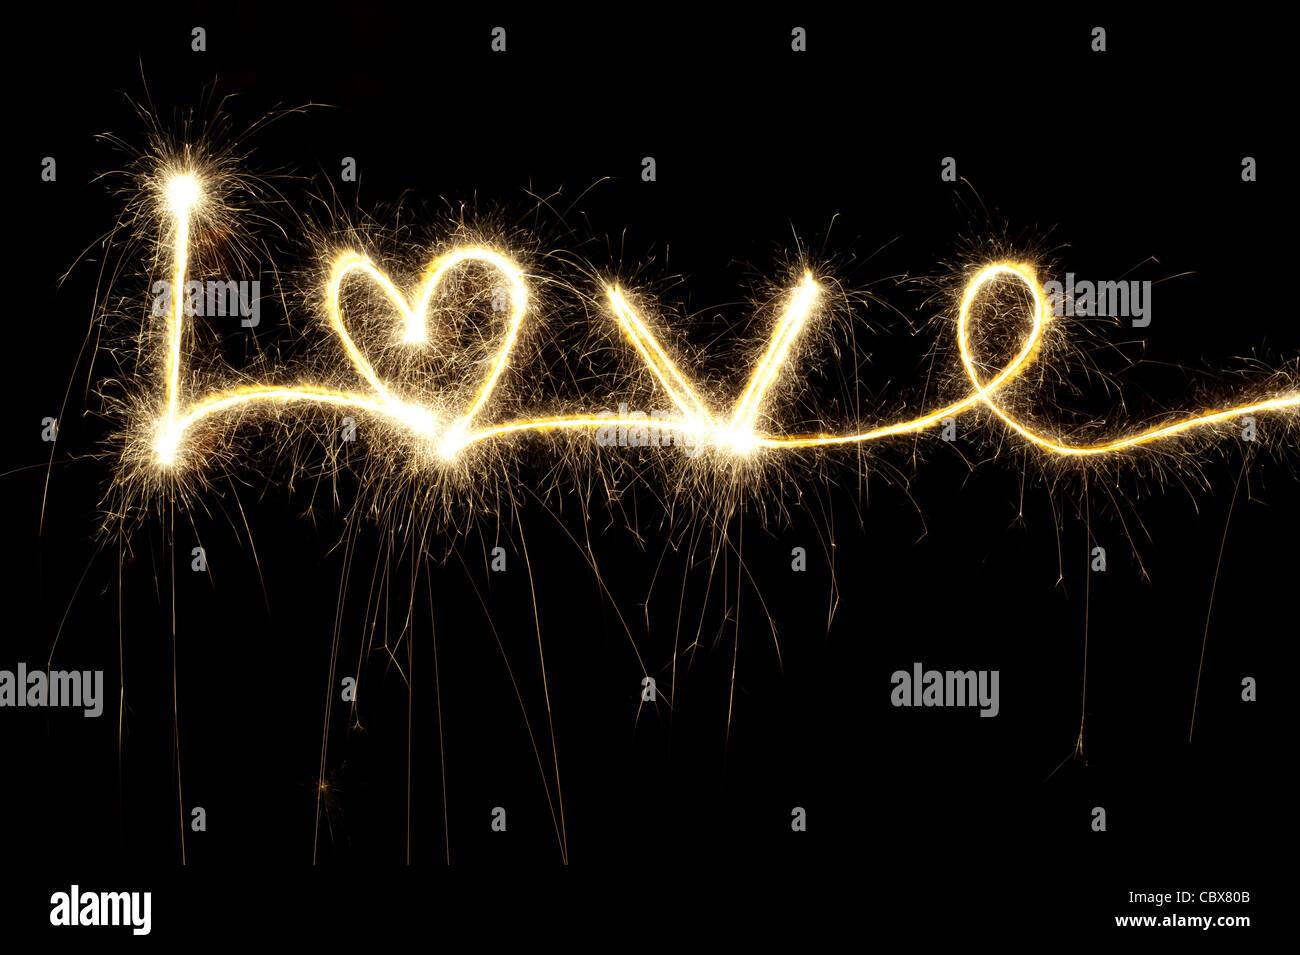 Amor escrito com um sparkler à noite incluindo um formato de coração Imagens de Stock